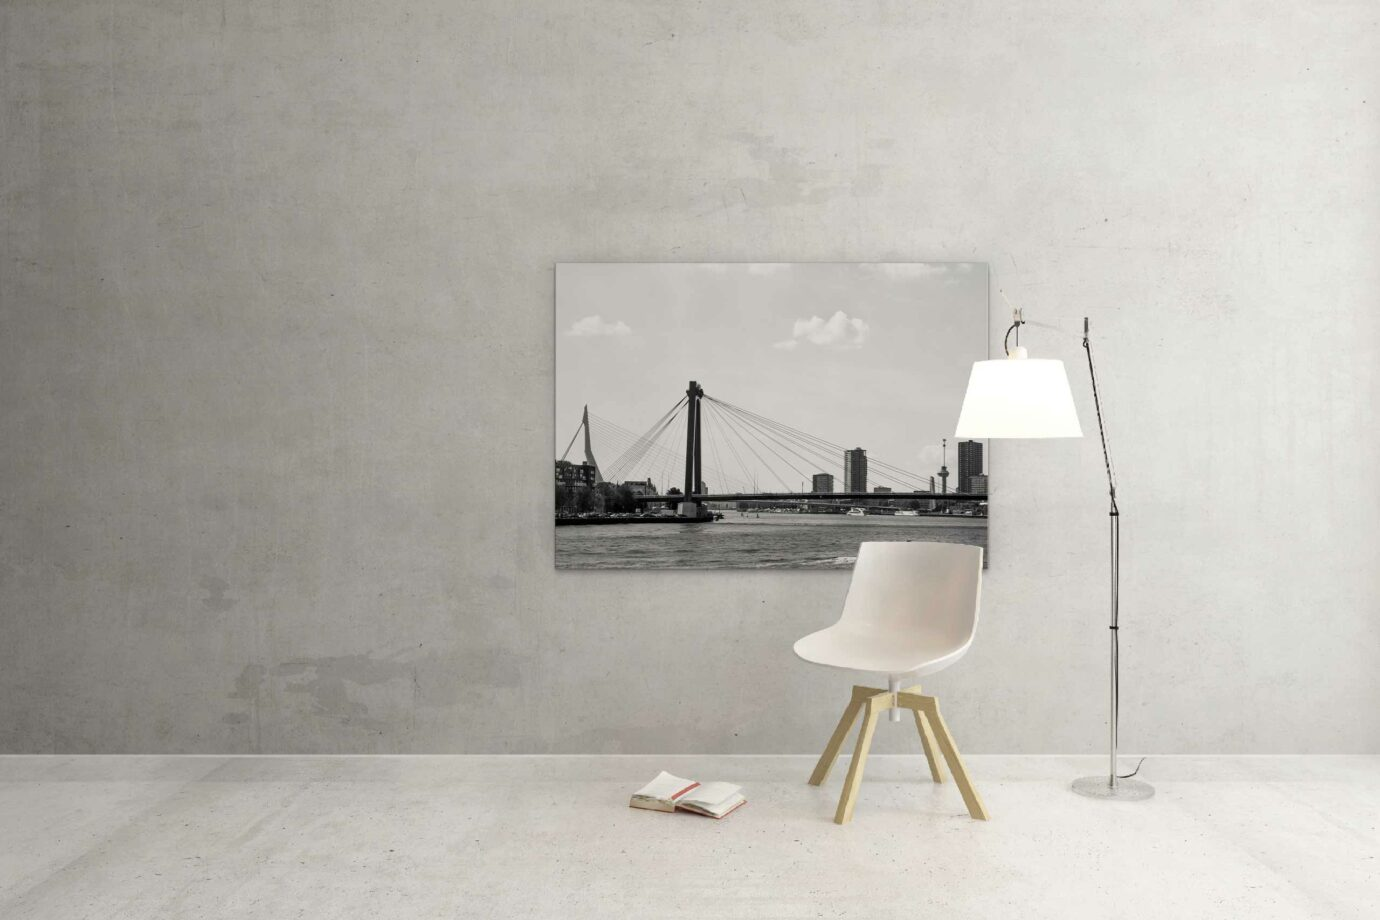 Beste zwart wit foto skyline rotterdam ©ZwartZwit010. Willemsbrug en Erasmusbrug